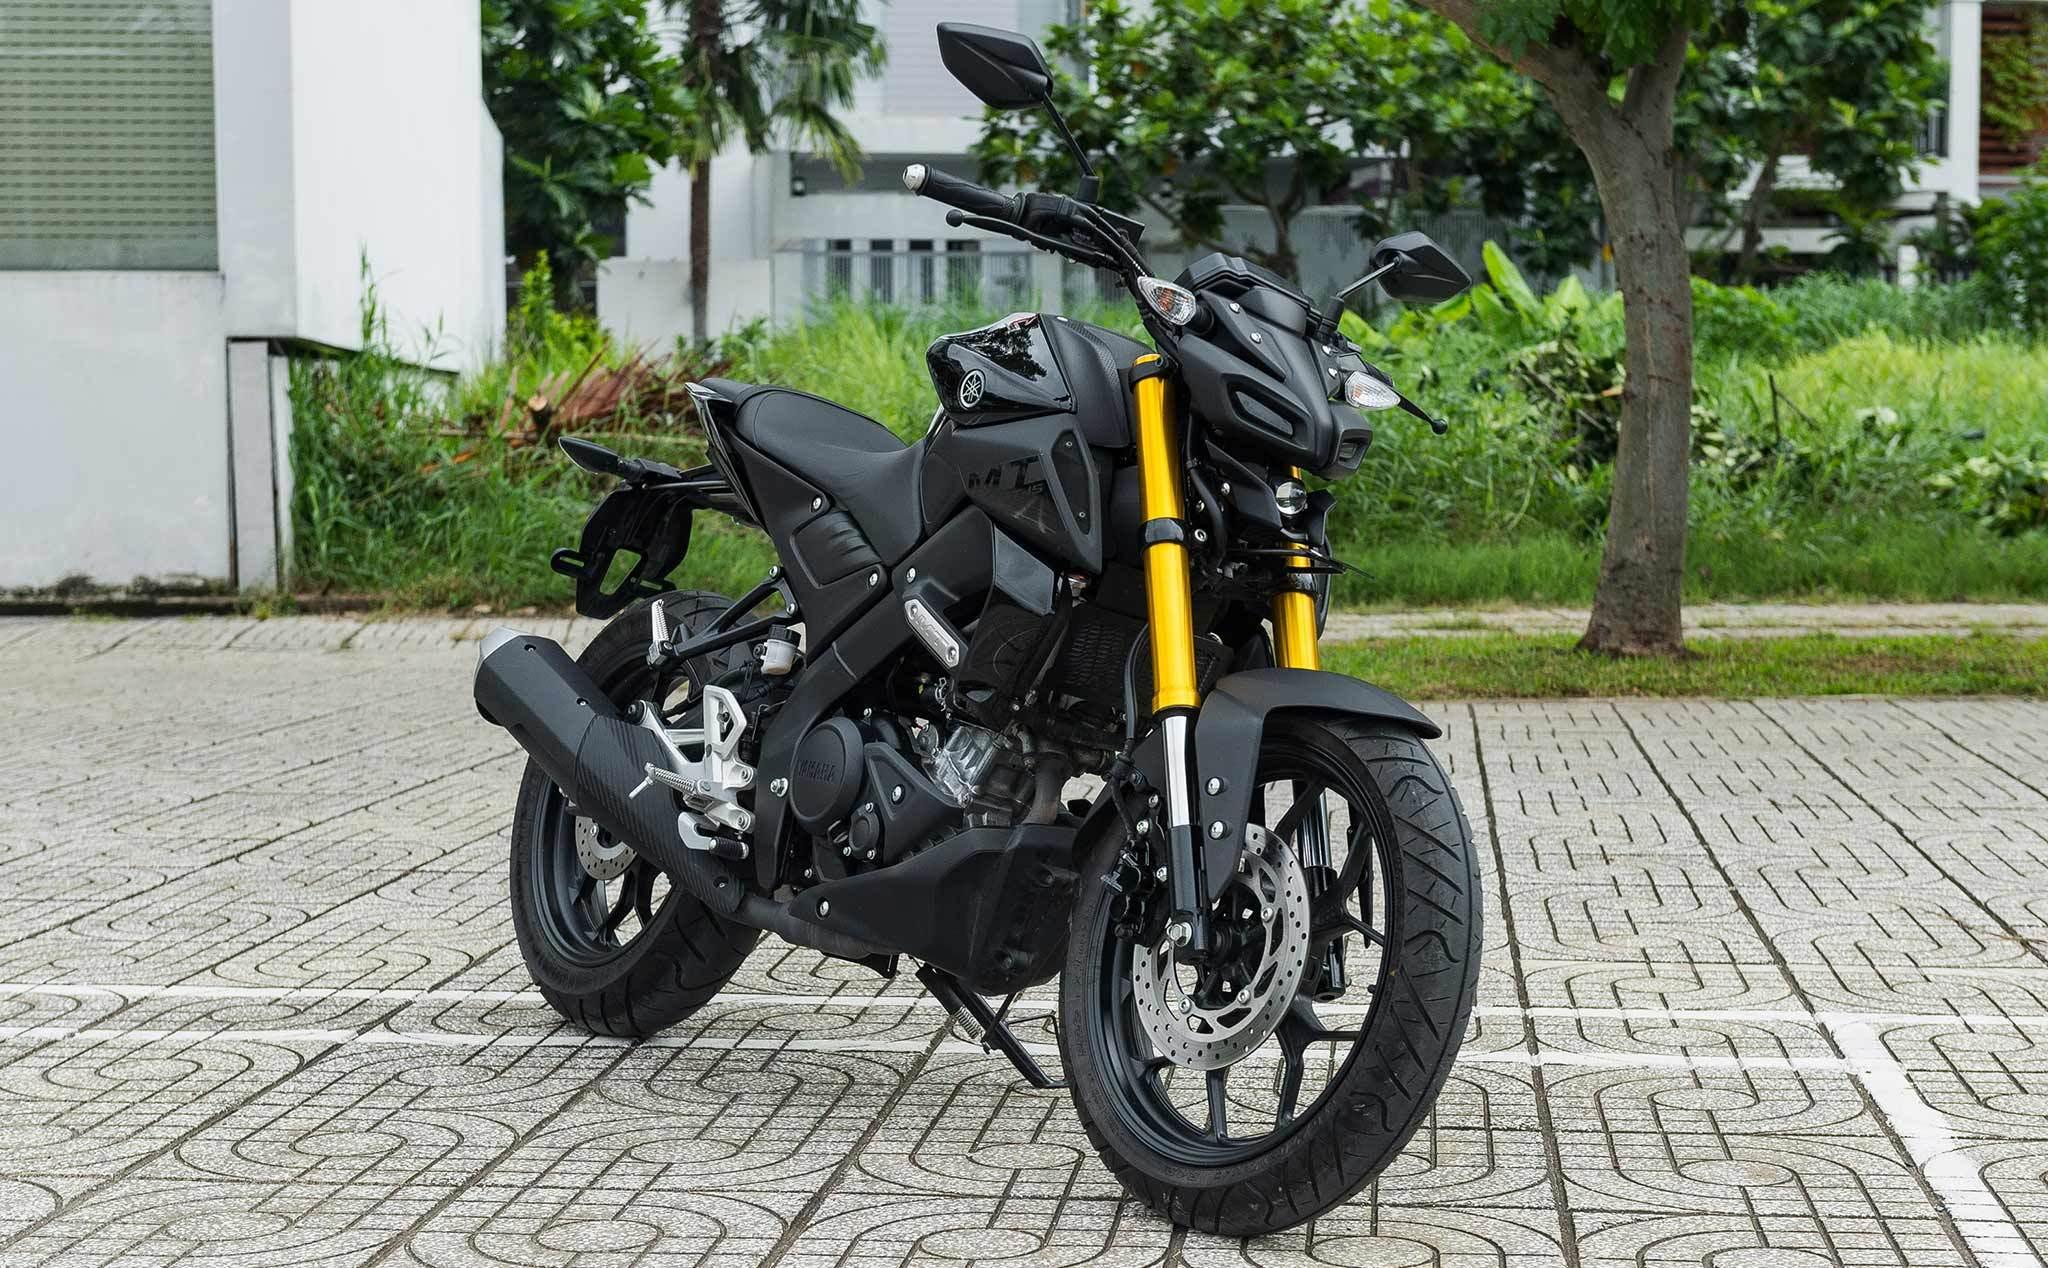 Yamaha MT-15 2019 lần đầu tiên ra mắt vào tháng 10/2018 nhưng đến nay mới được hãng xe Nhật Bản phân phối chính hãng tại thị trường Việt Nam